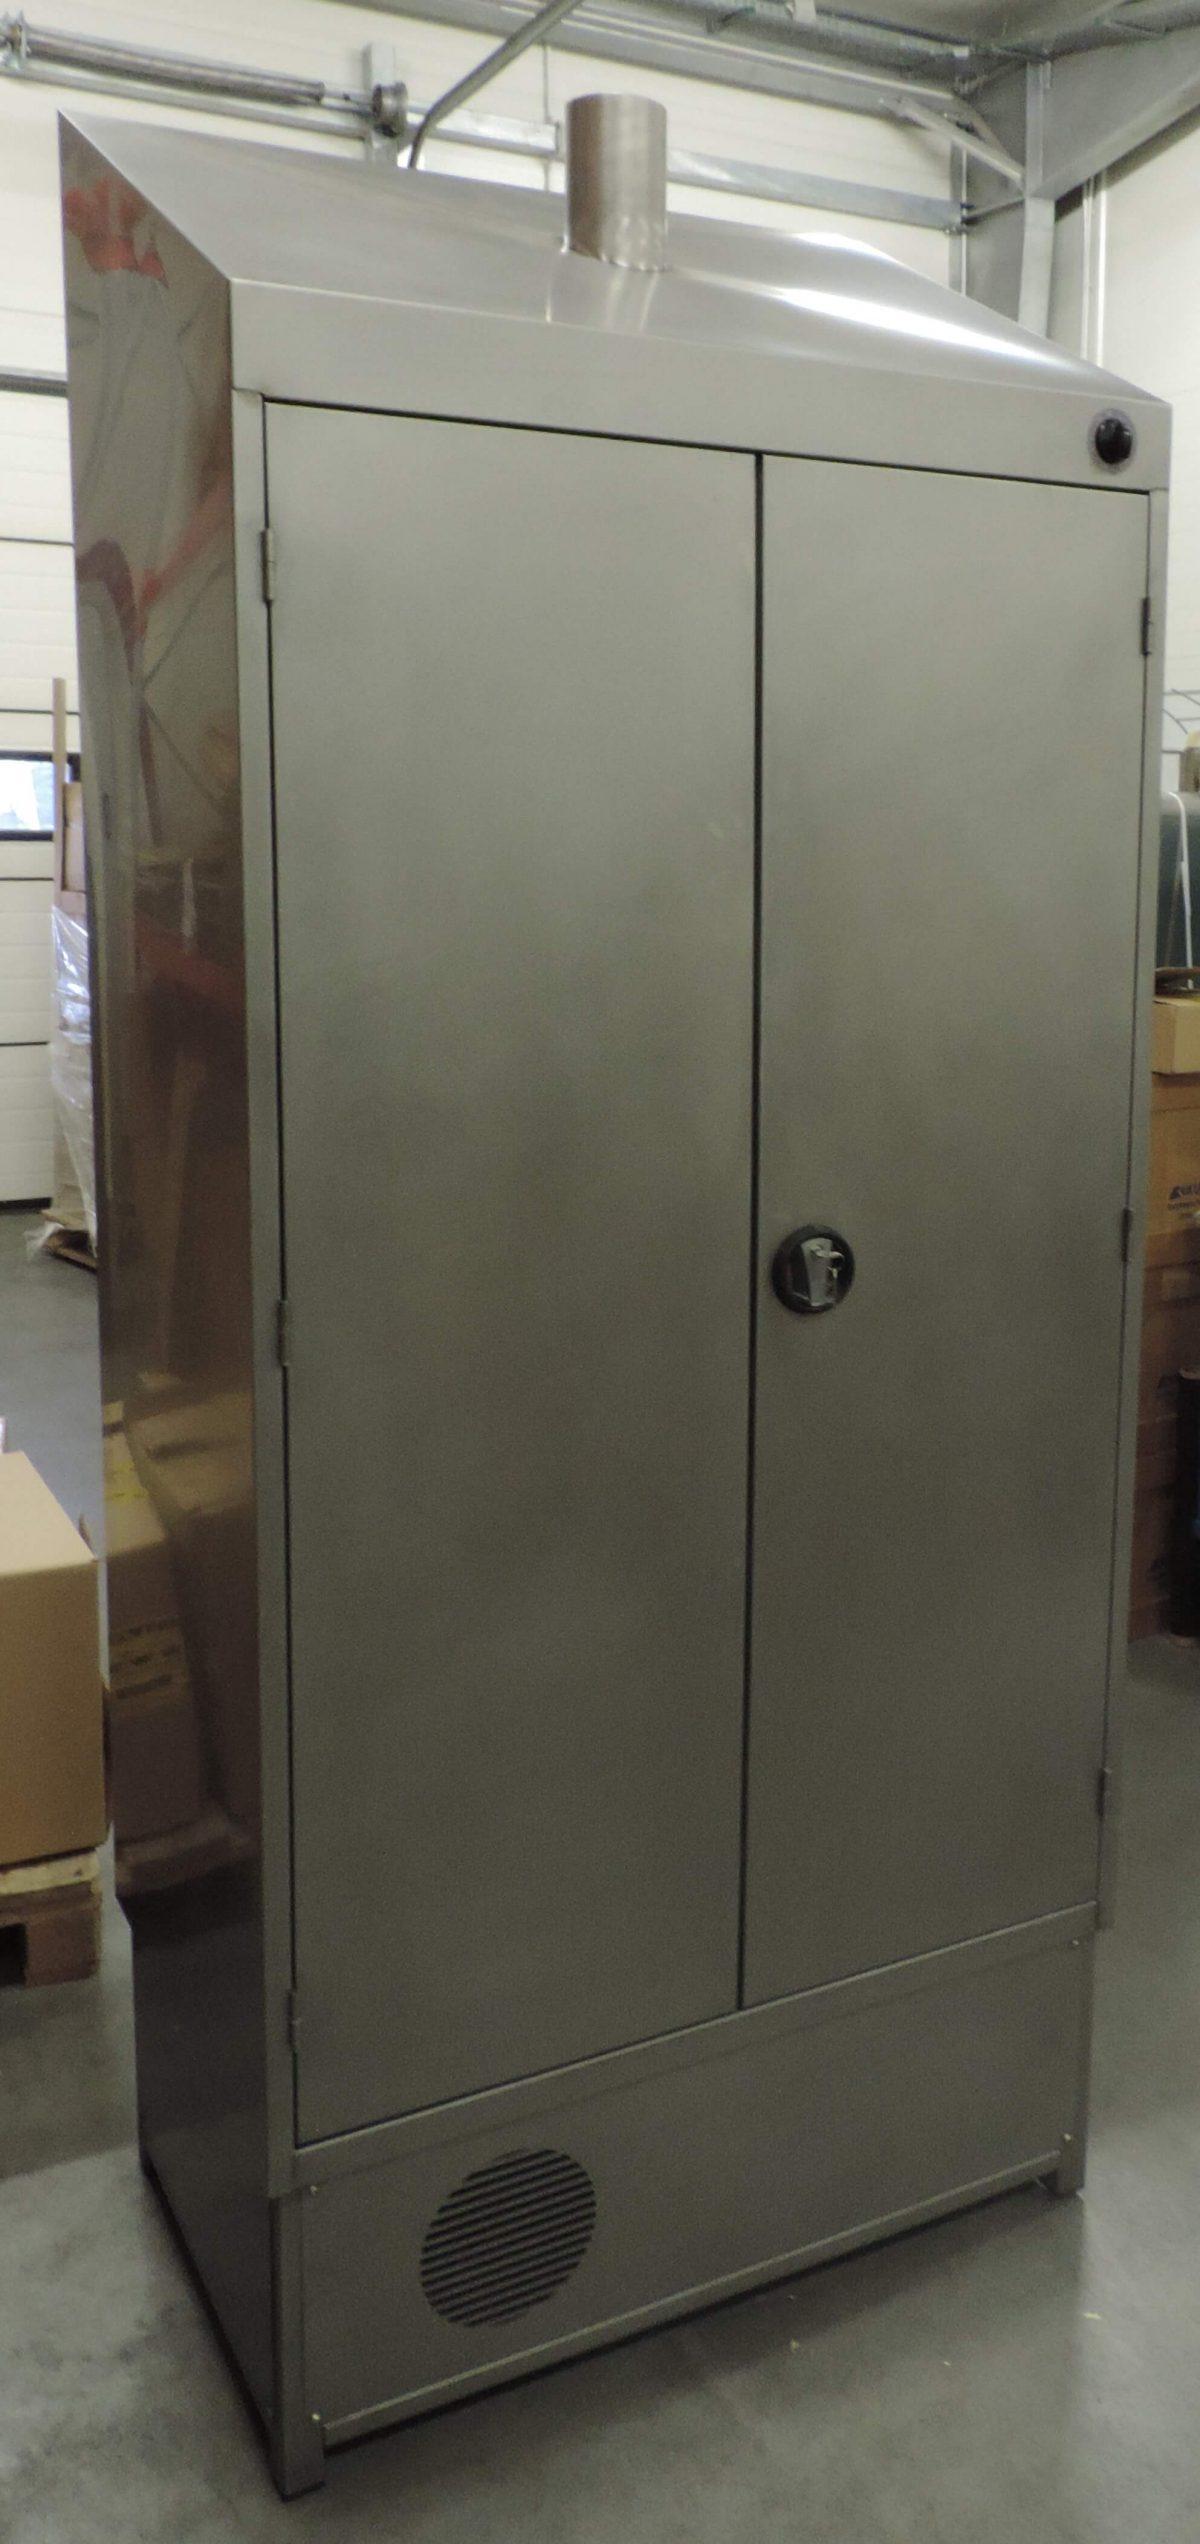 WH19.12-w-szafie-4-1200x2544.jpg